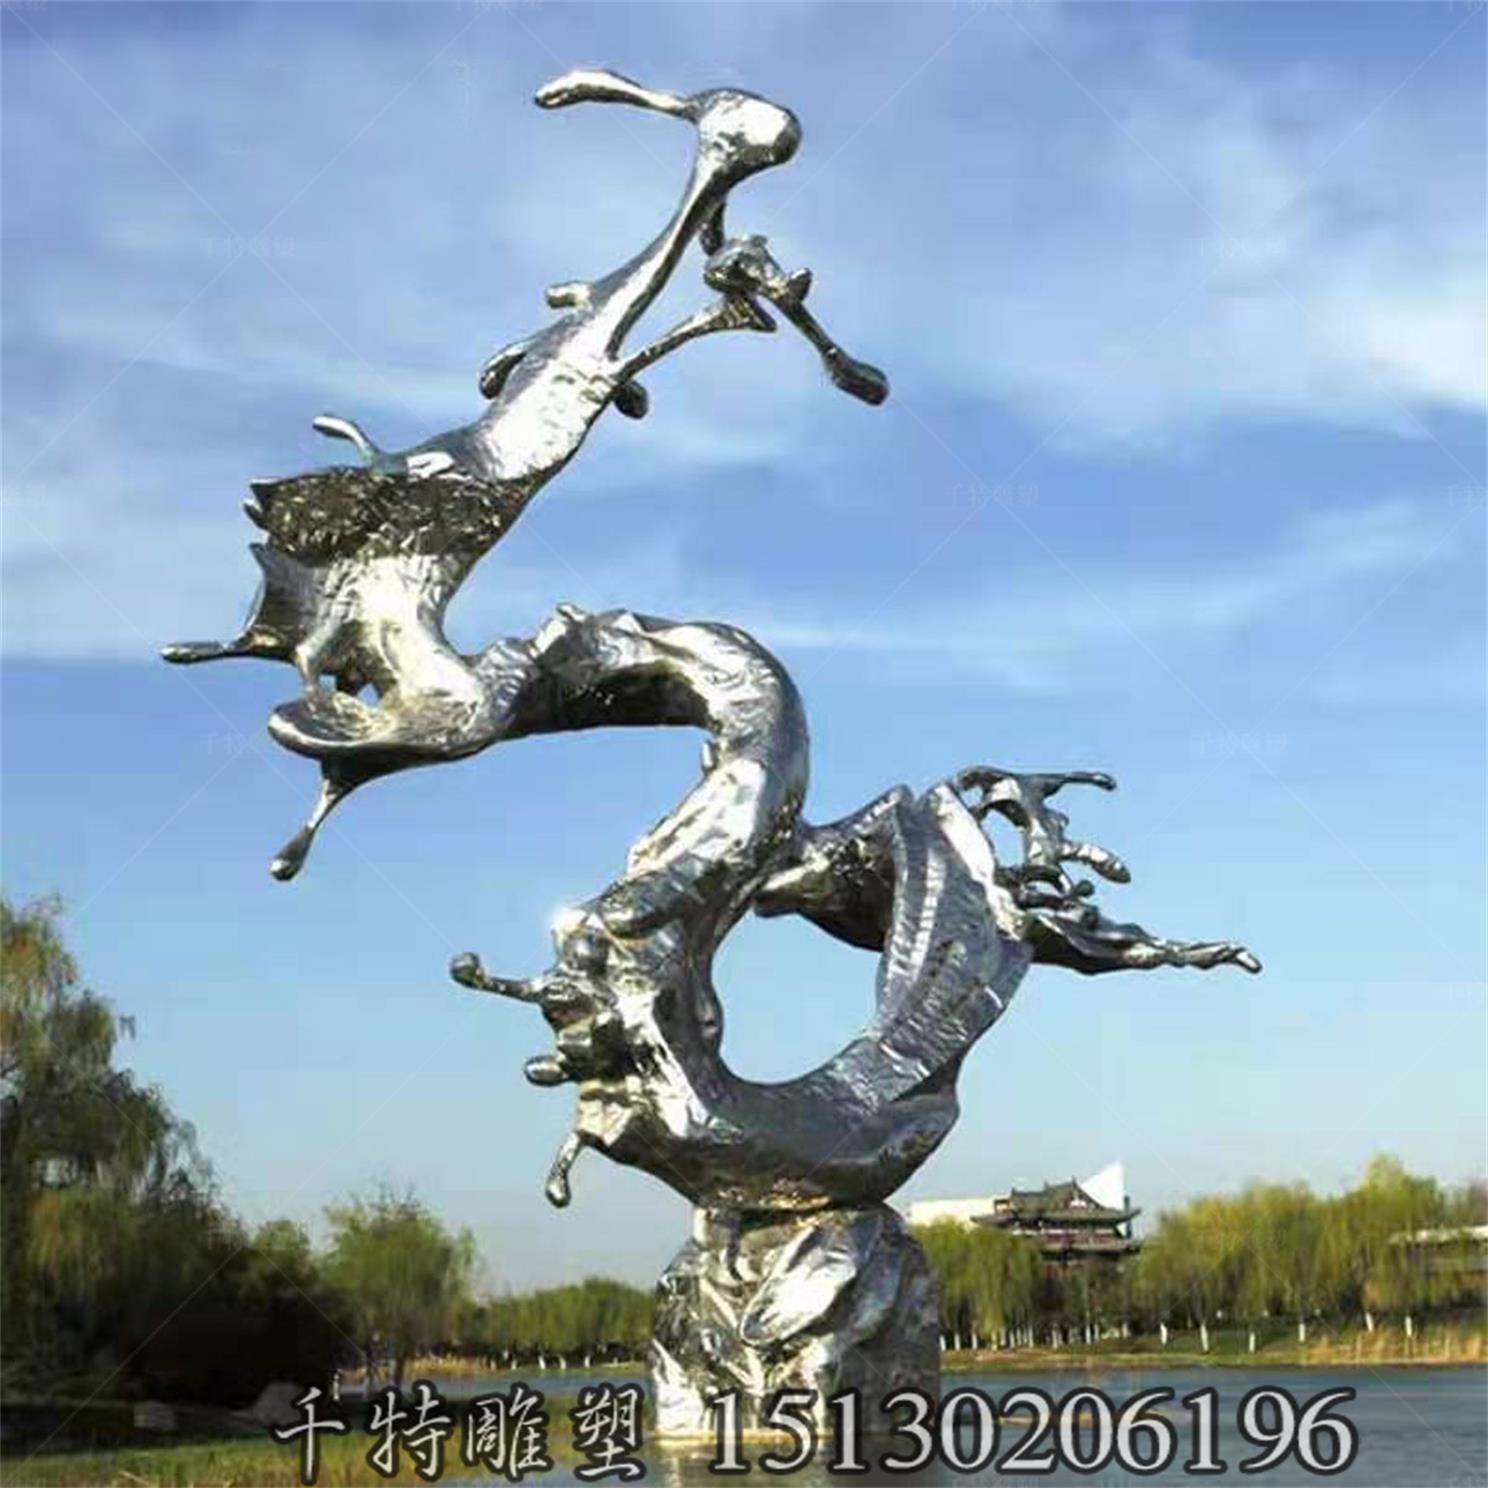 艺术泥雕塑_不锈钢雕塑校园雕塑_校园雕塑艺术